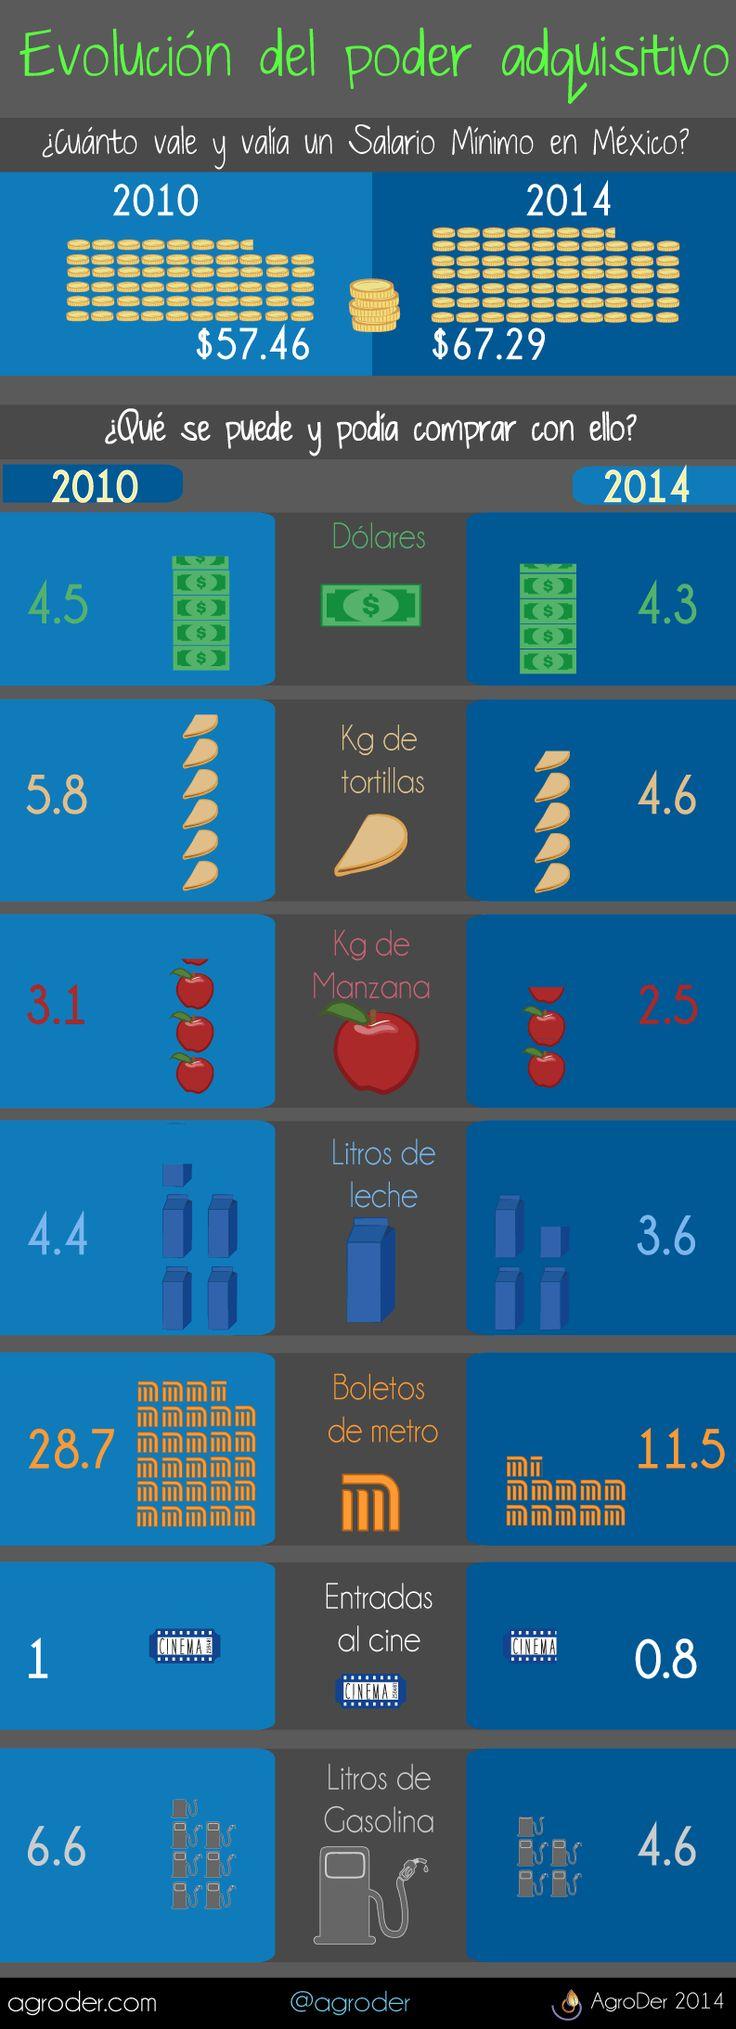 ¿Cuánto vale y valía un Salario Mínimo en México? #DiadelTrabajo  #Infografia #Mexico